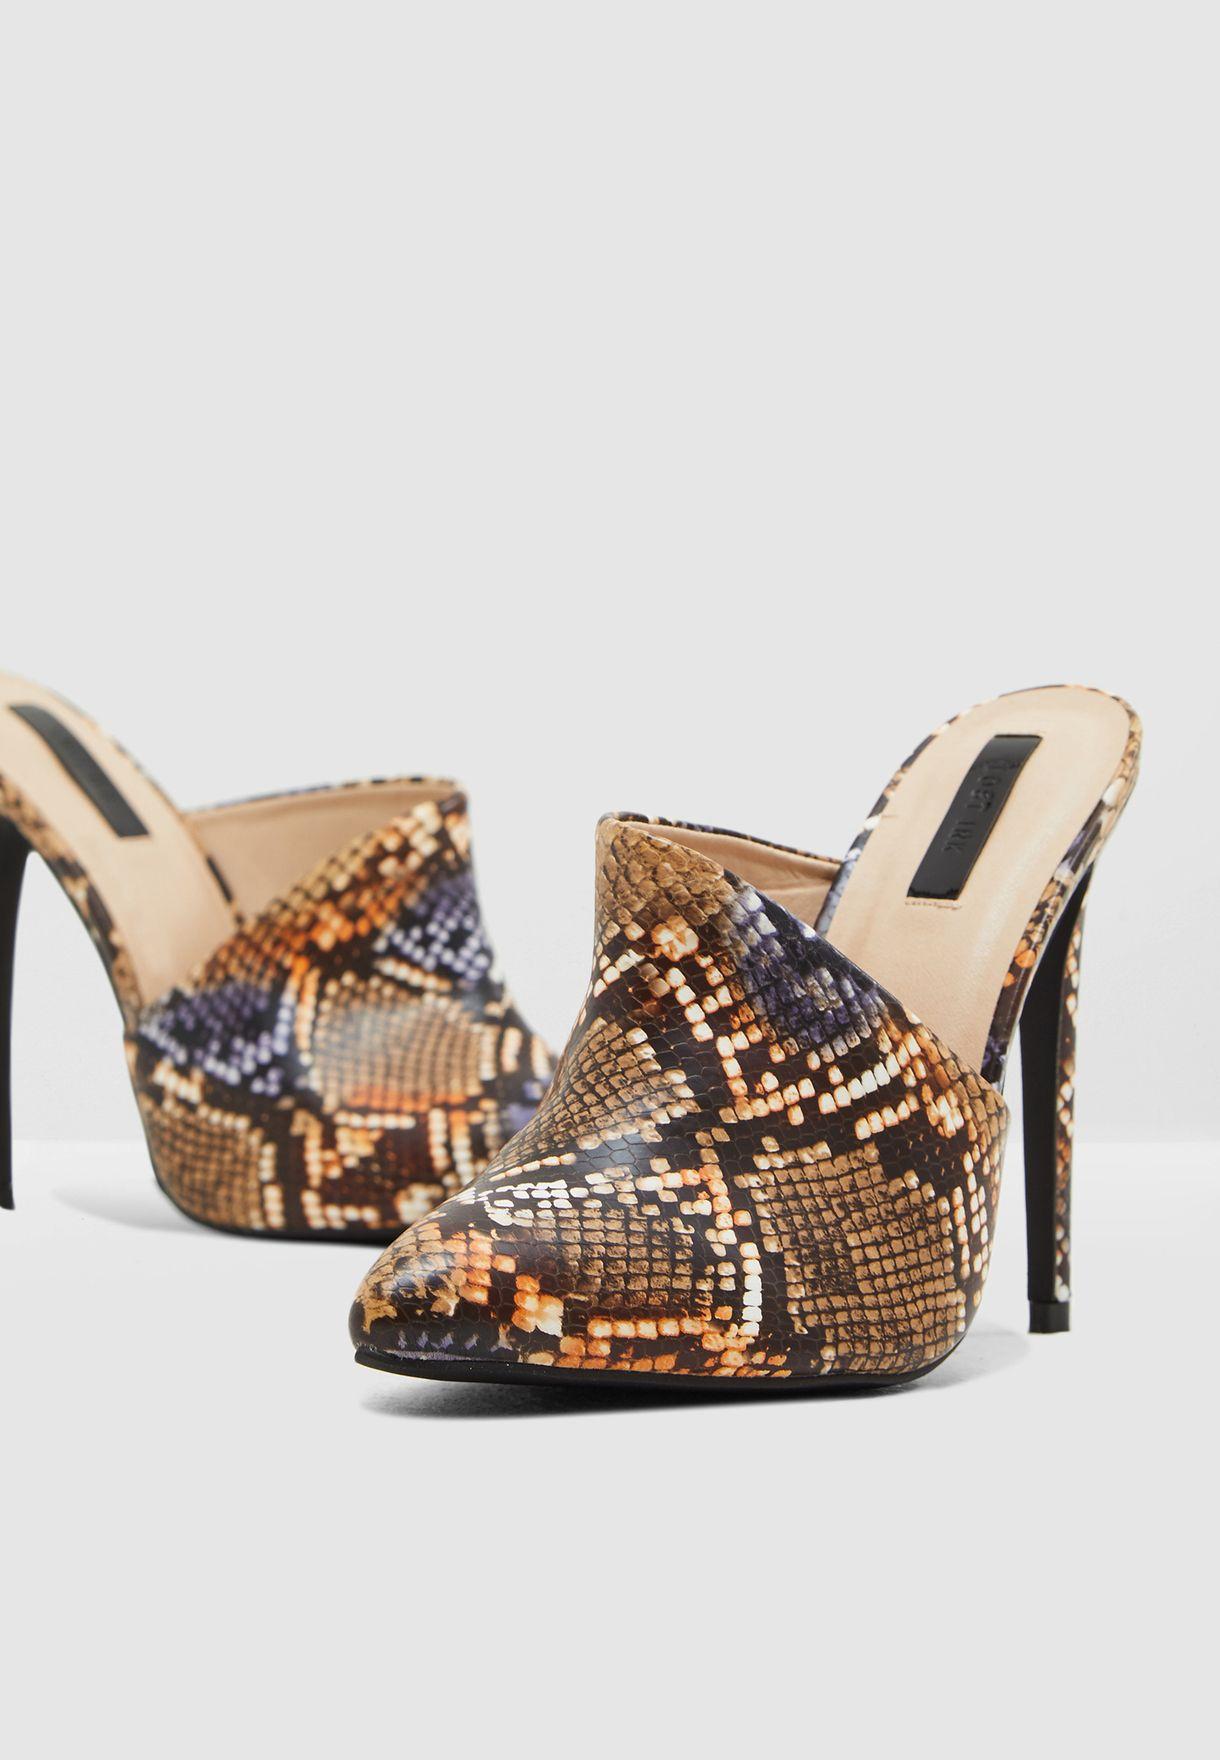 745cb5801149d تسوق حذاء بطبعات جلد حيوان ماركة لوست انك لون طبعات الحيوانات ...